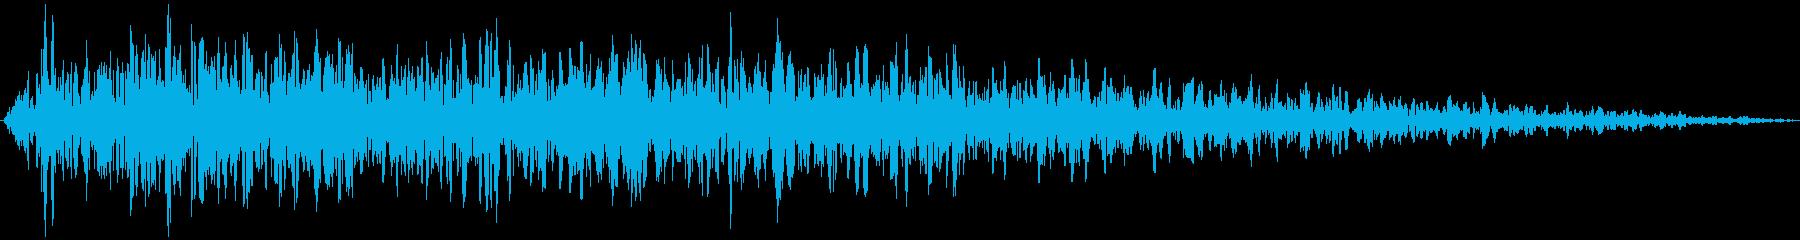 ズーン (ショック、衝撃を受ける) 短めの再生済みの波形